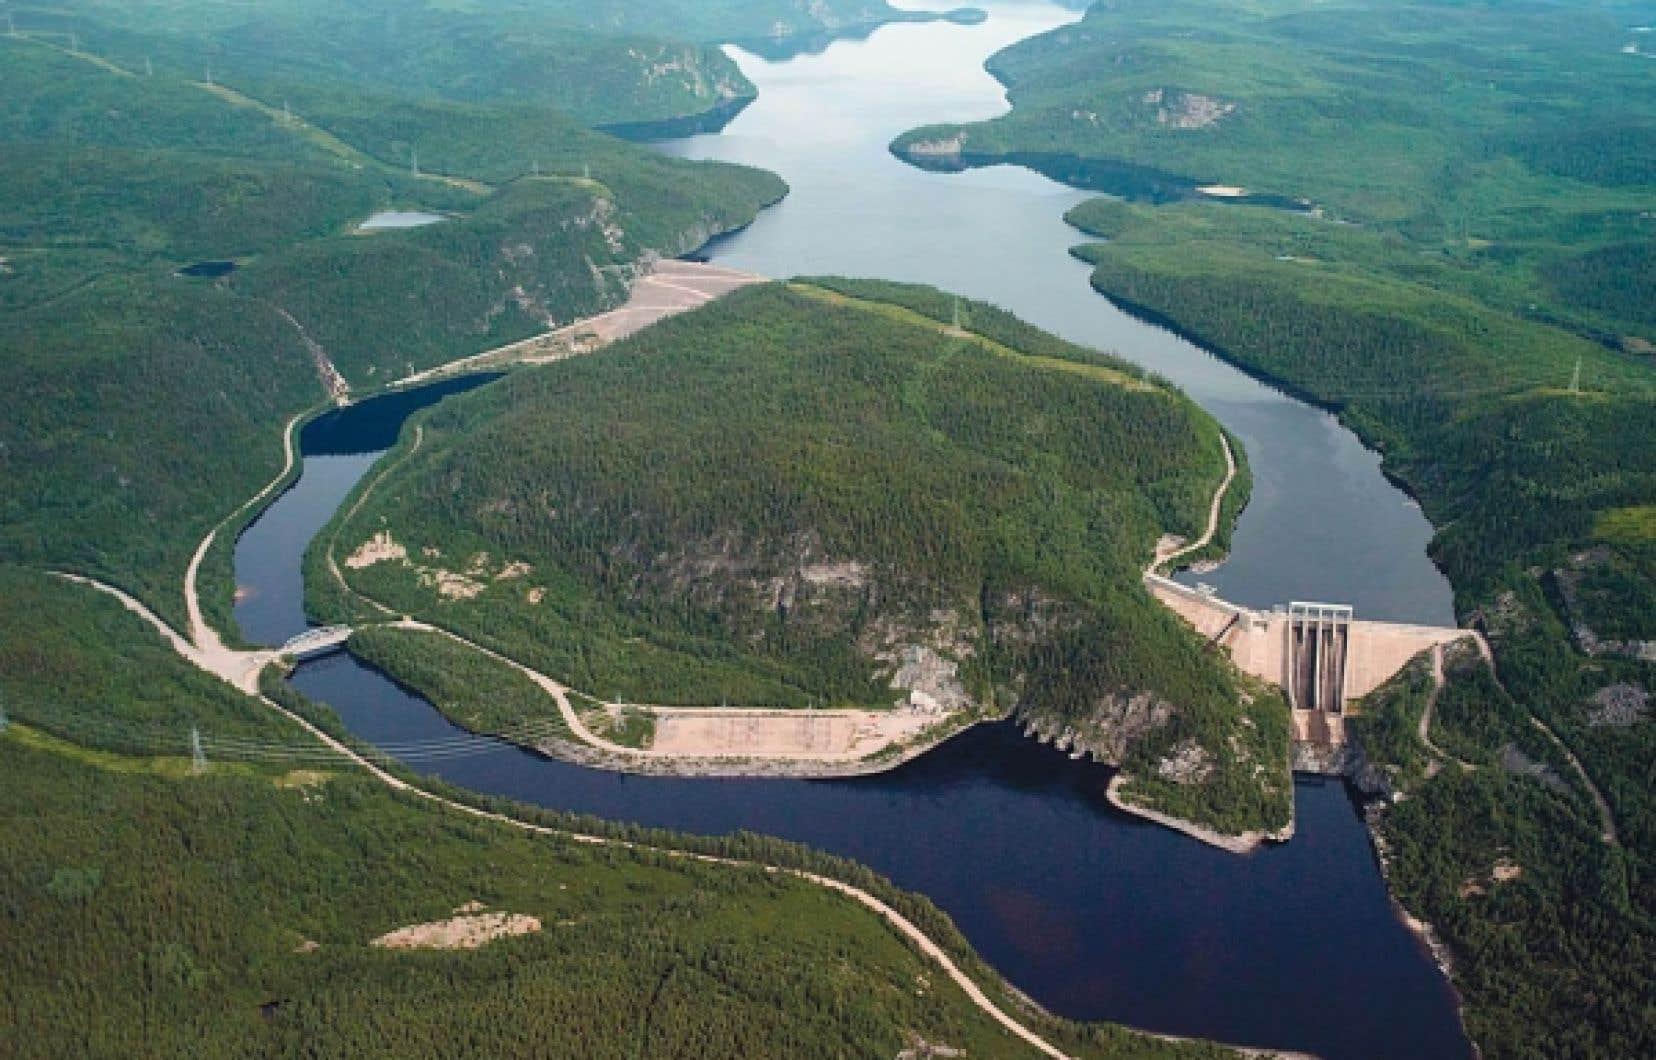 La centrale hydroélectrique René-Lévesque, située sur la rivière Manicouagan sur la Côte-Nord, est alimentée par le réservoir Manic 3.<br />